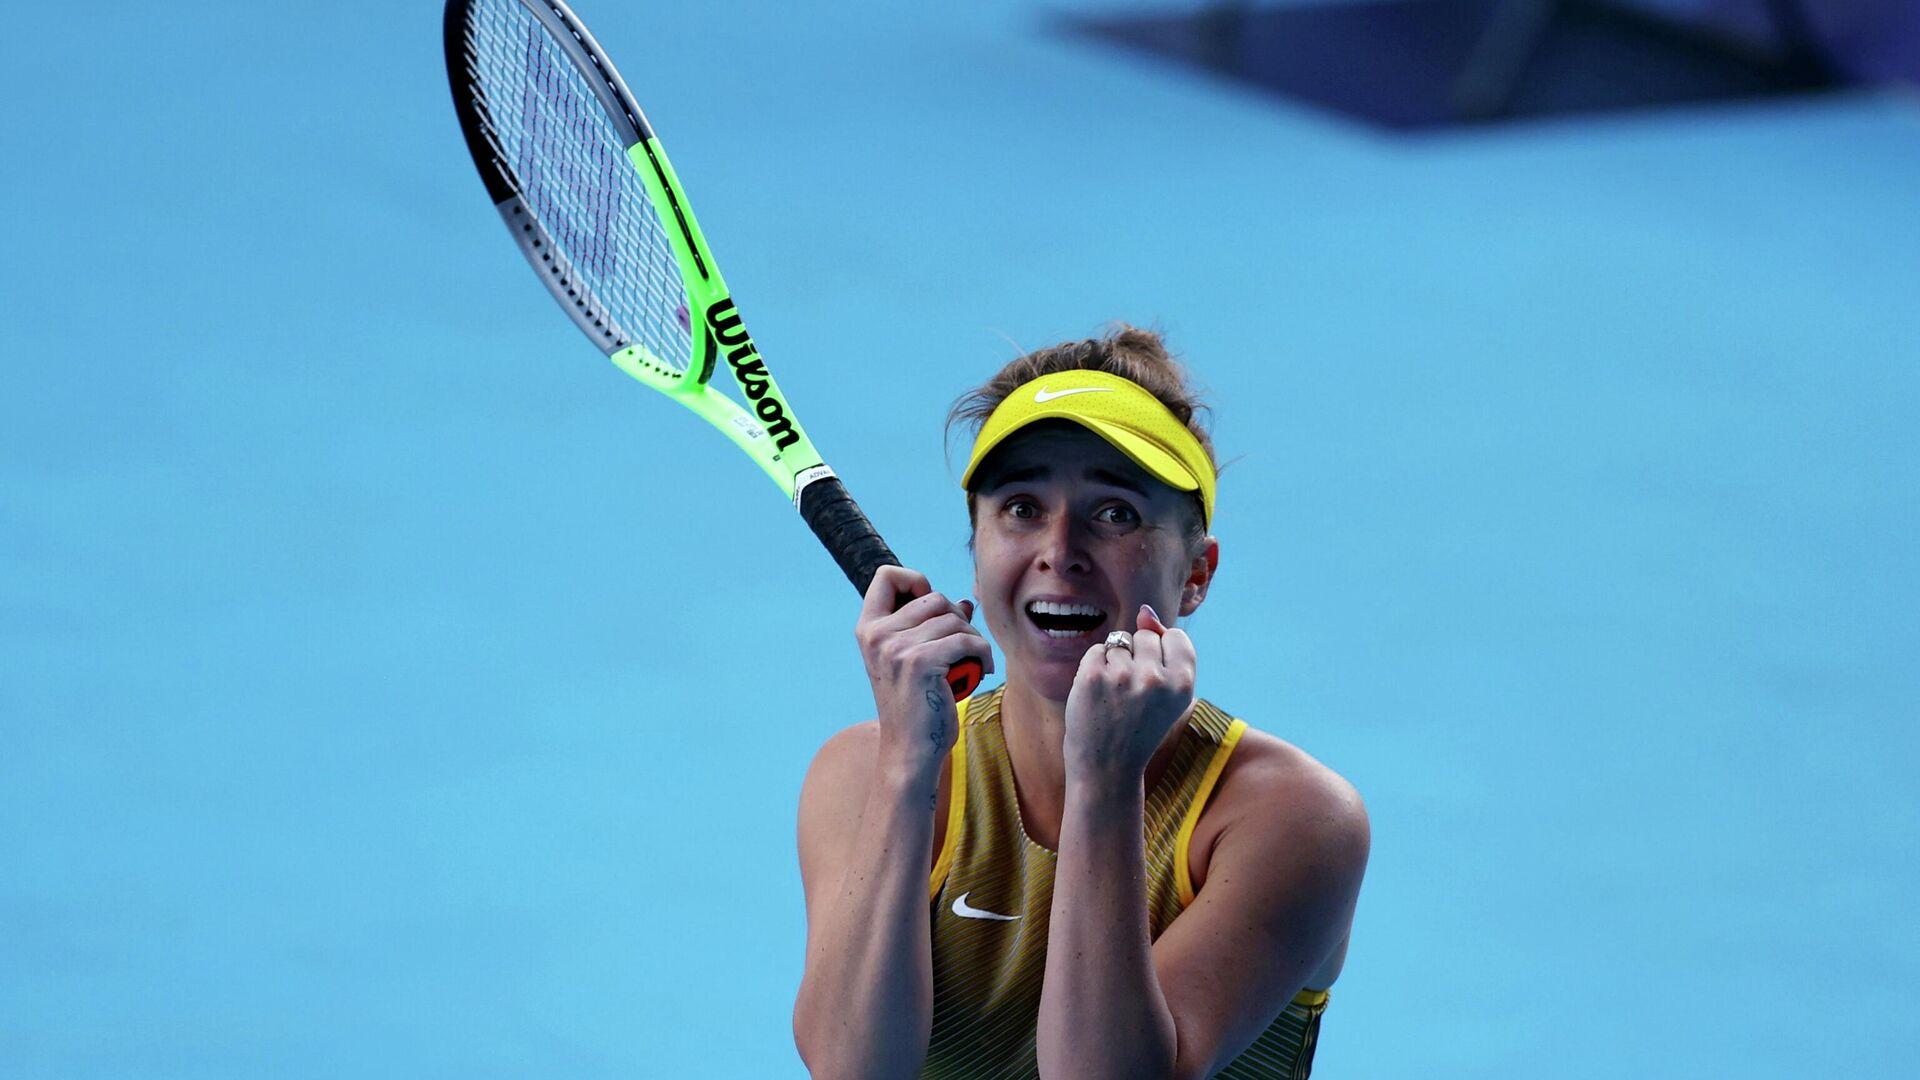 Украинская теннисистка Элина Свитолина - РИА Новости, 1920, 27.07.2021